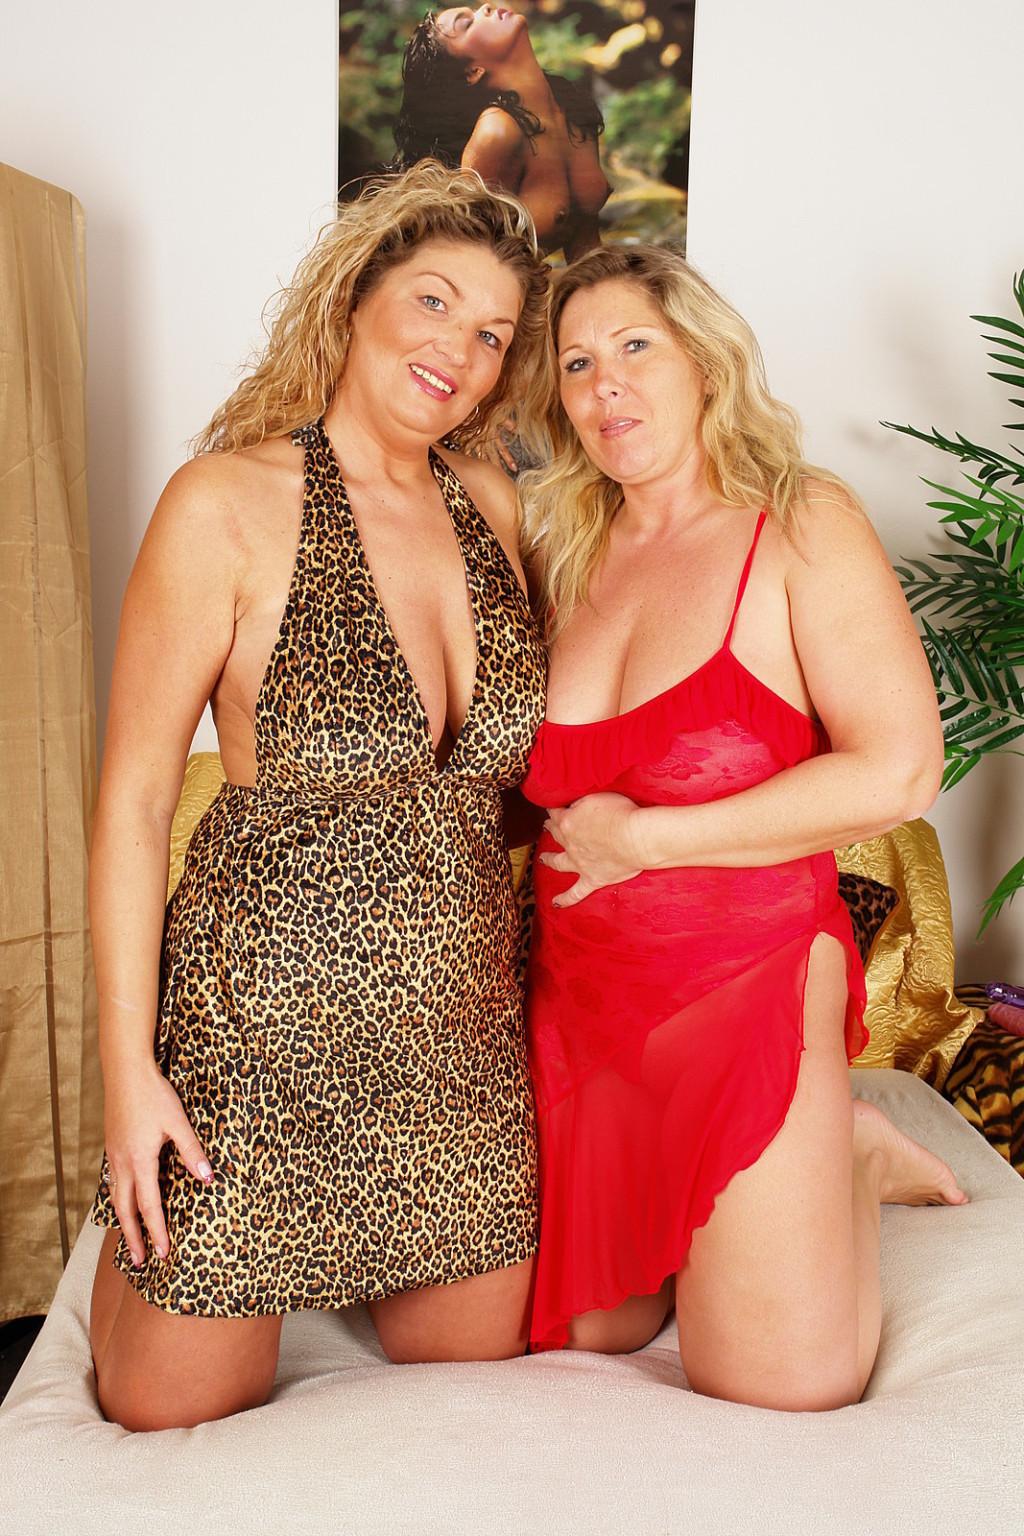 Big Booty Lesbians Threesome